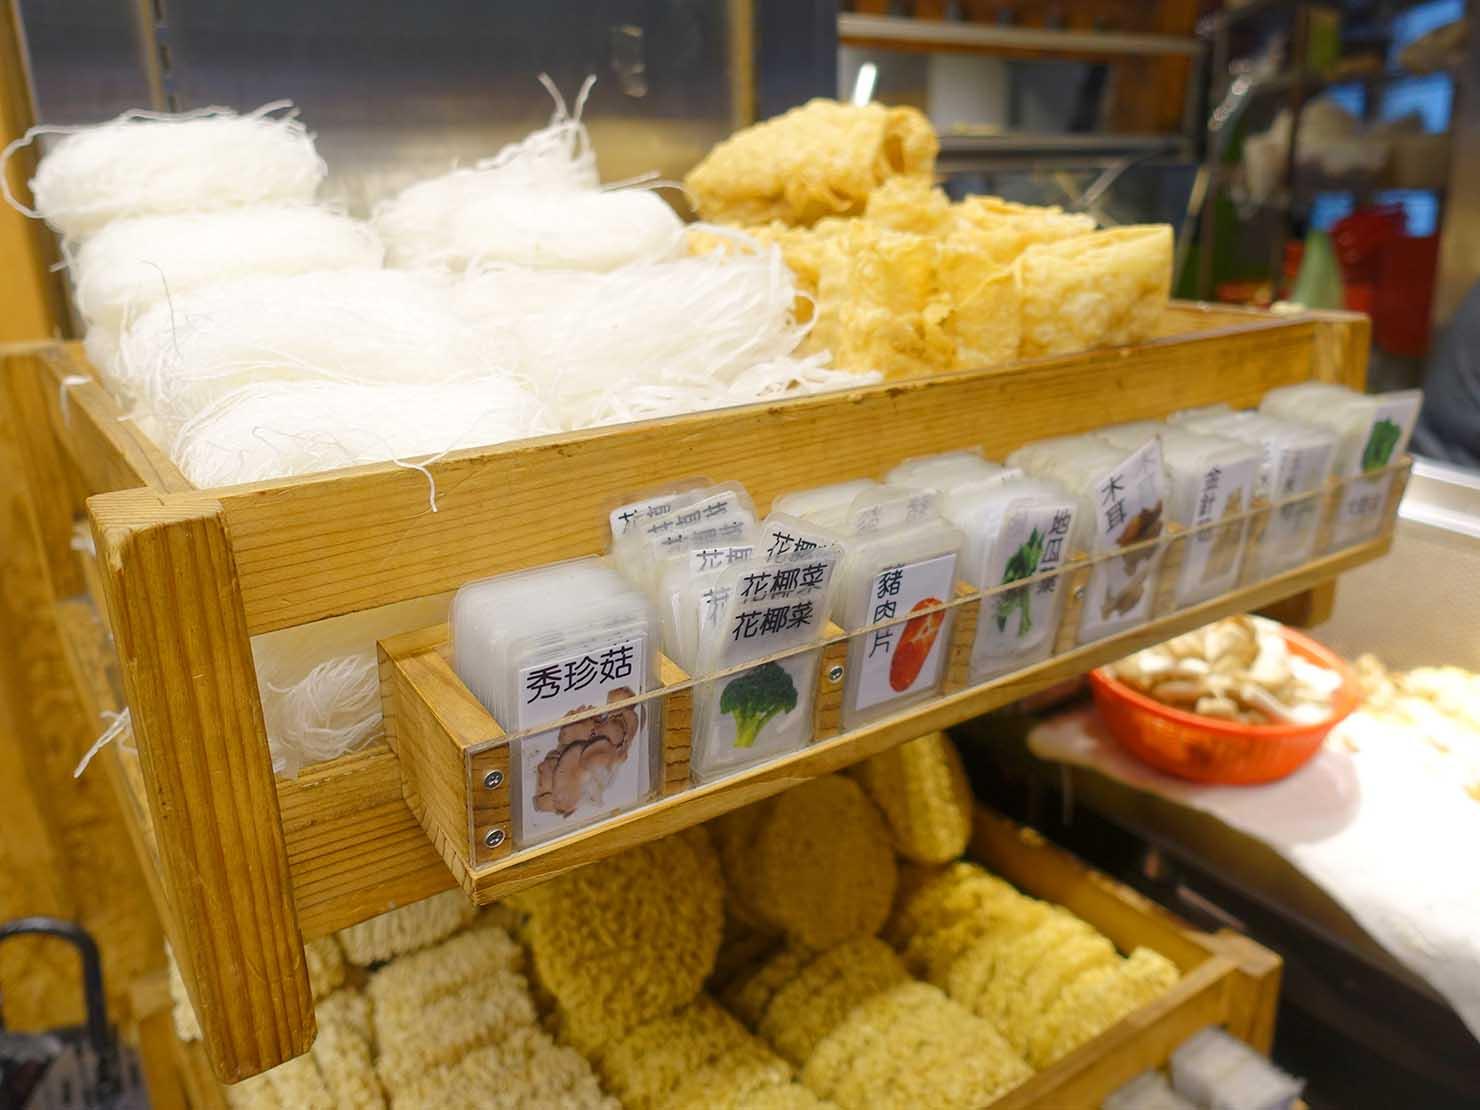 台北・中山駅周辺のおすすめグルメ店「真香滷味」で選べる麺類